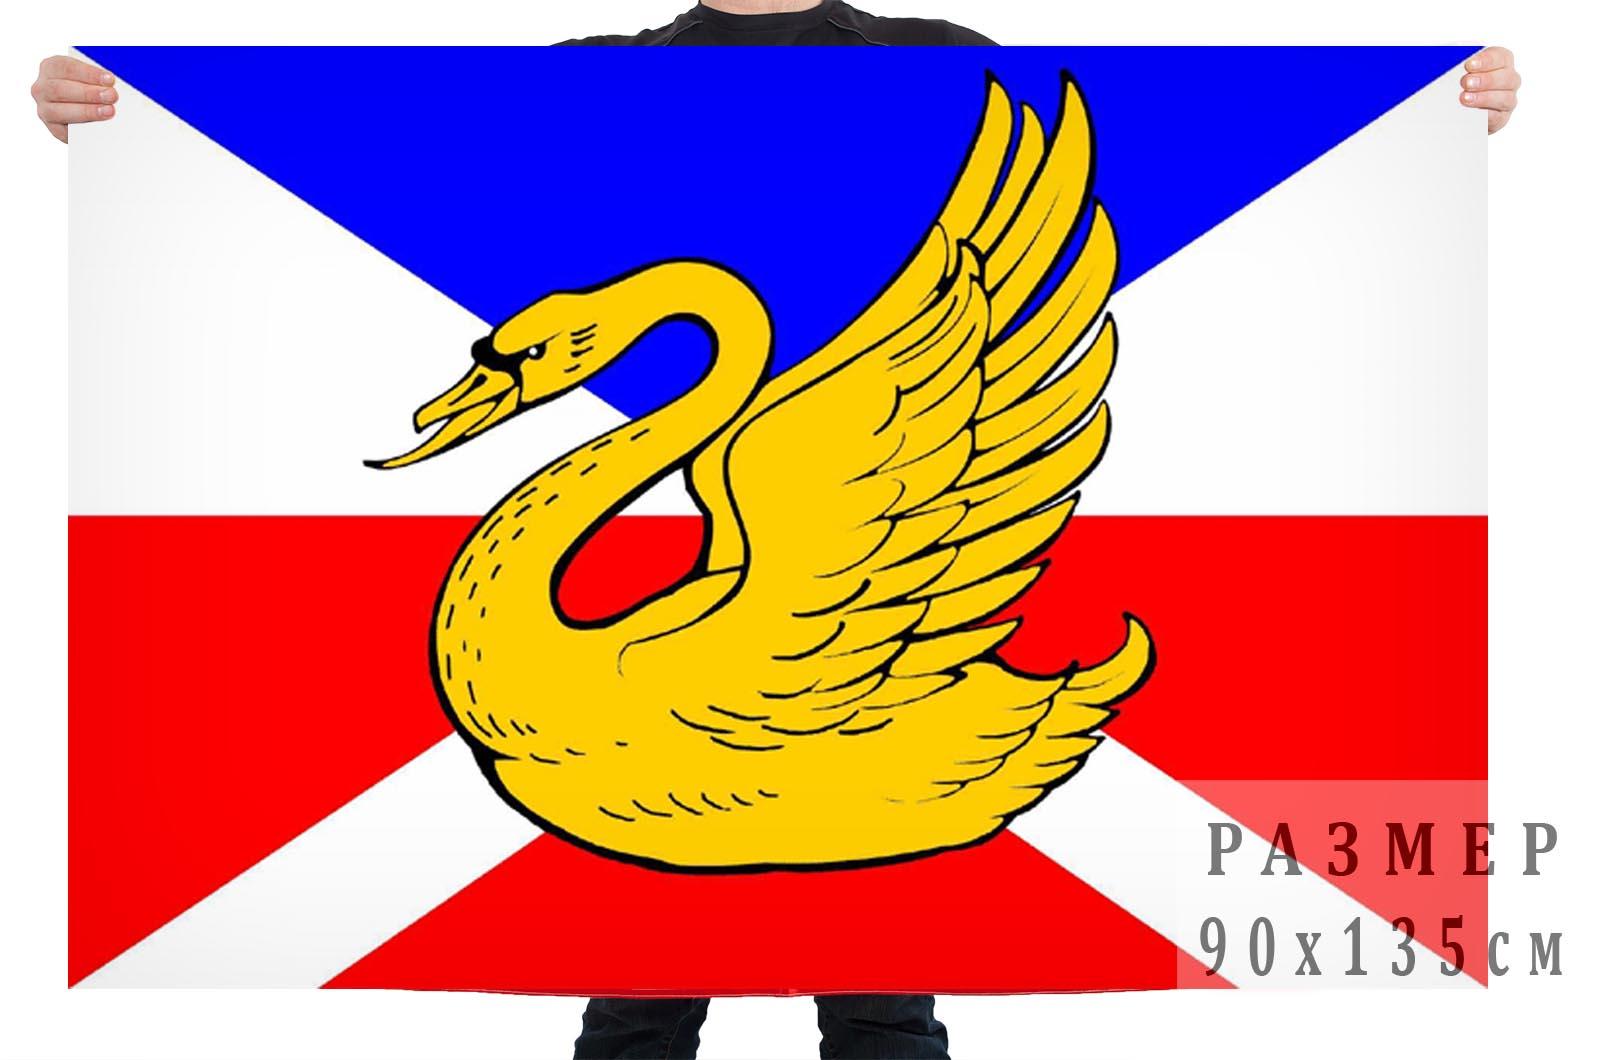 Флаг внутригородского муниципального образования муниципальный округ Озеро Долгое